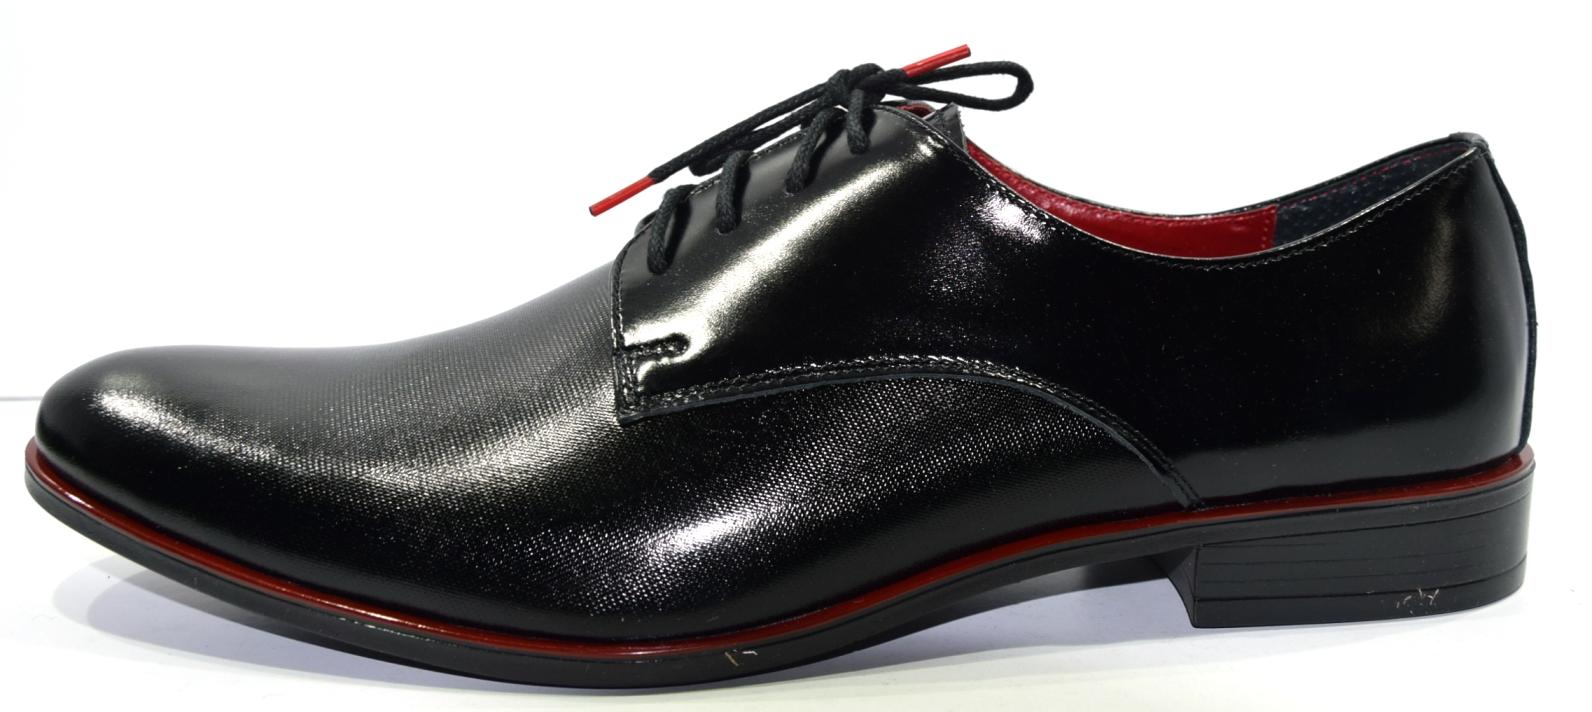 7ccccb8b929ca Obuwie męskie  pantofle Zadora czarne cz 560 (R.44 7210888371 - Allegro.pl